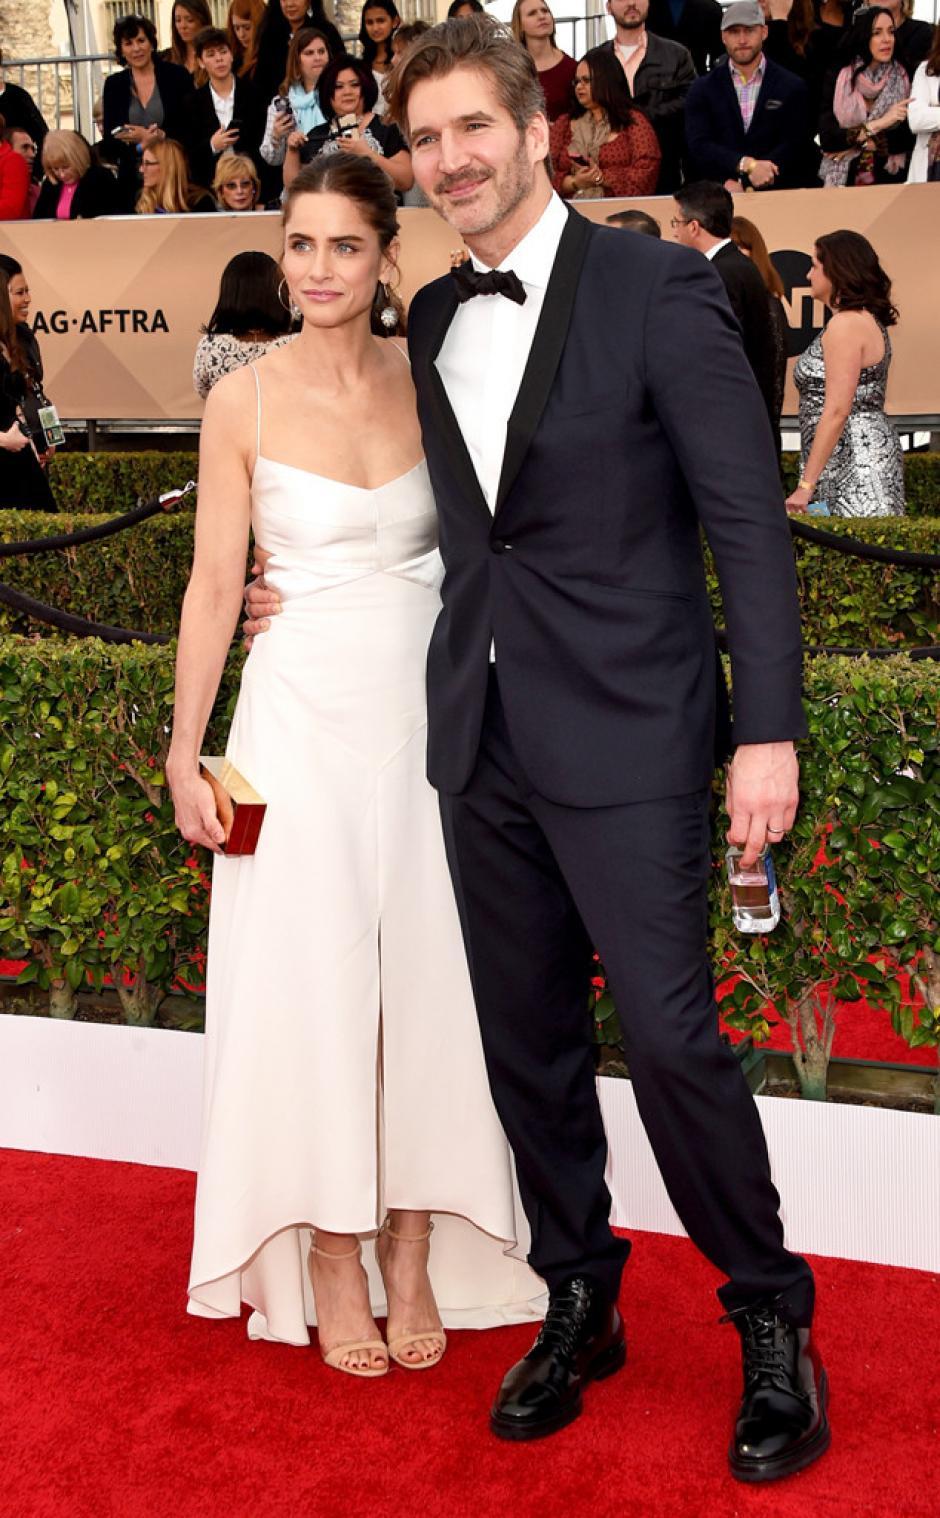 La actriz Amanda Peet y David Benioff asisten a la 22ª Screen Actors Guild Awards en el AuditoriuoShrine. (Foto:AFP)